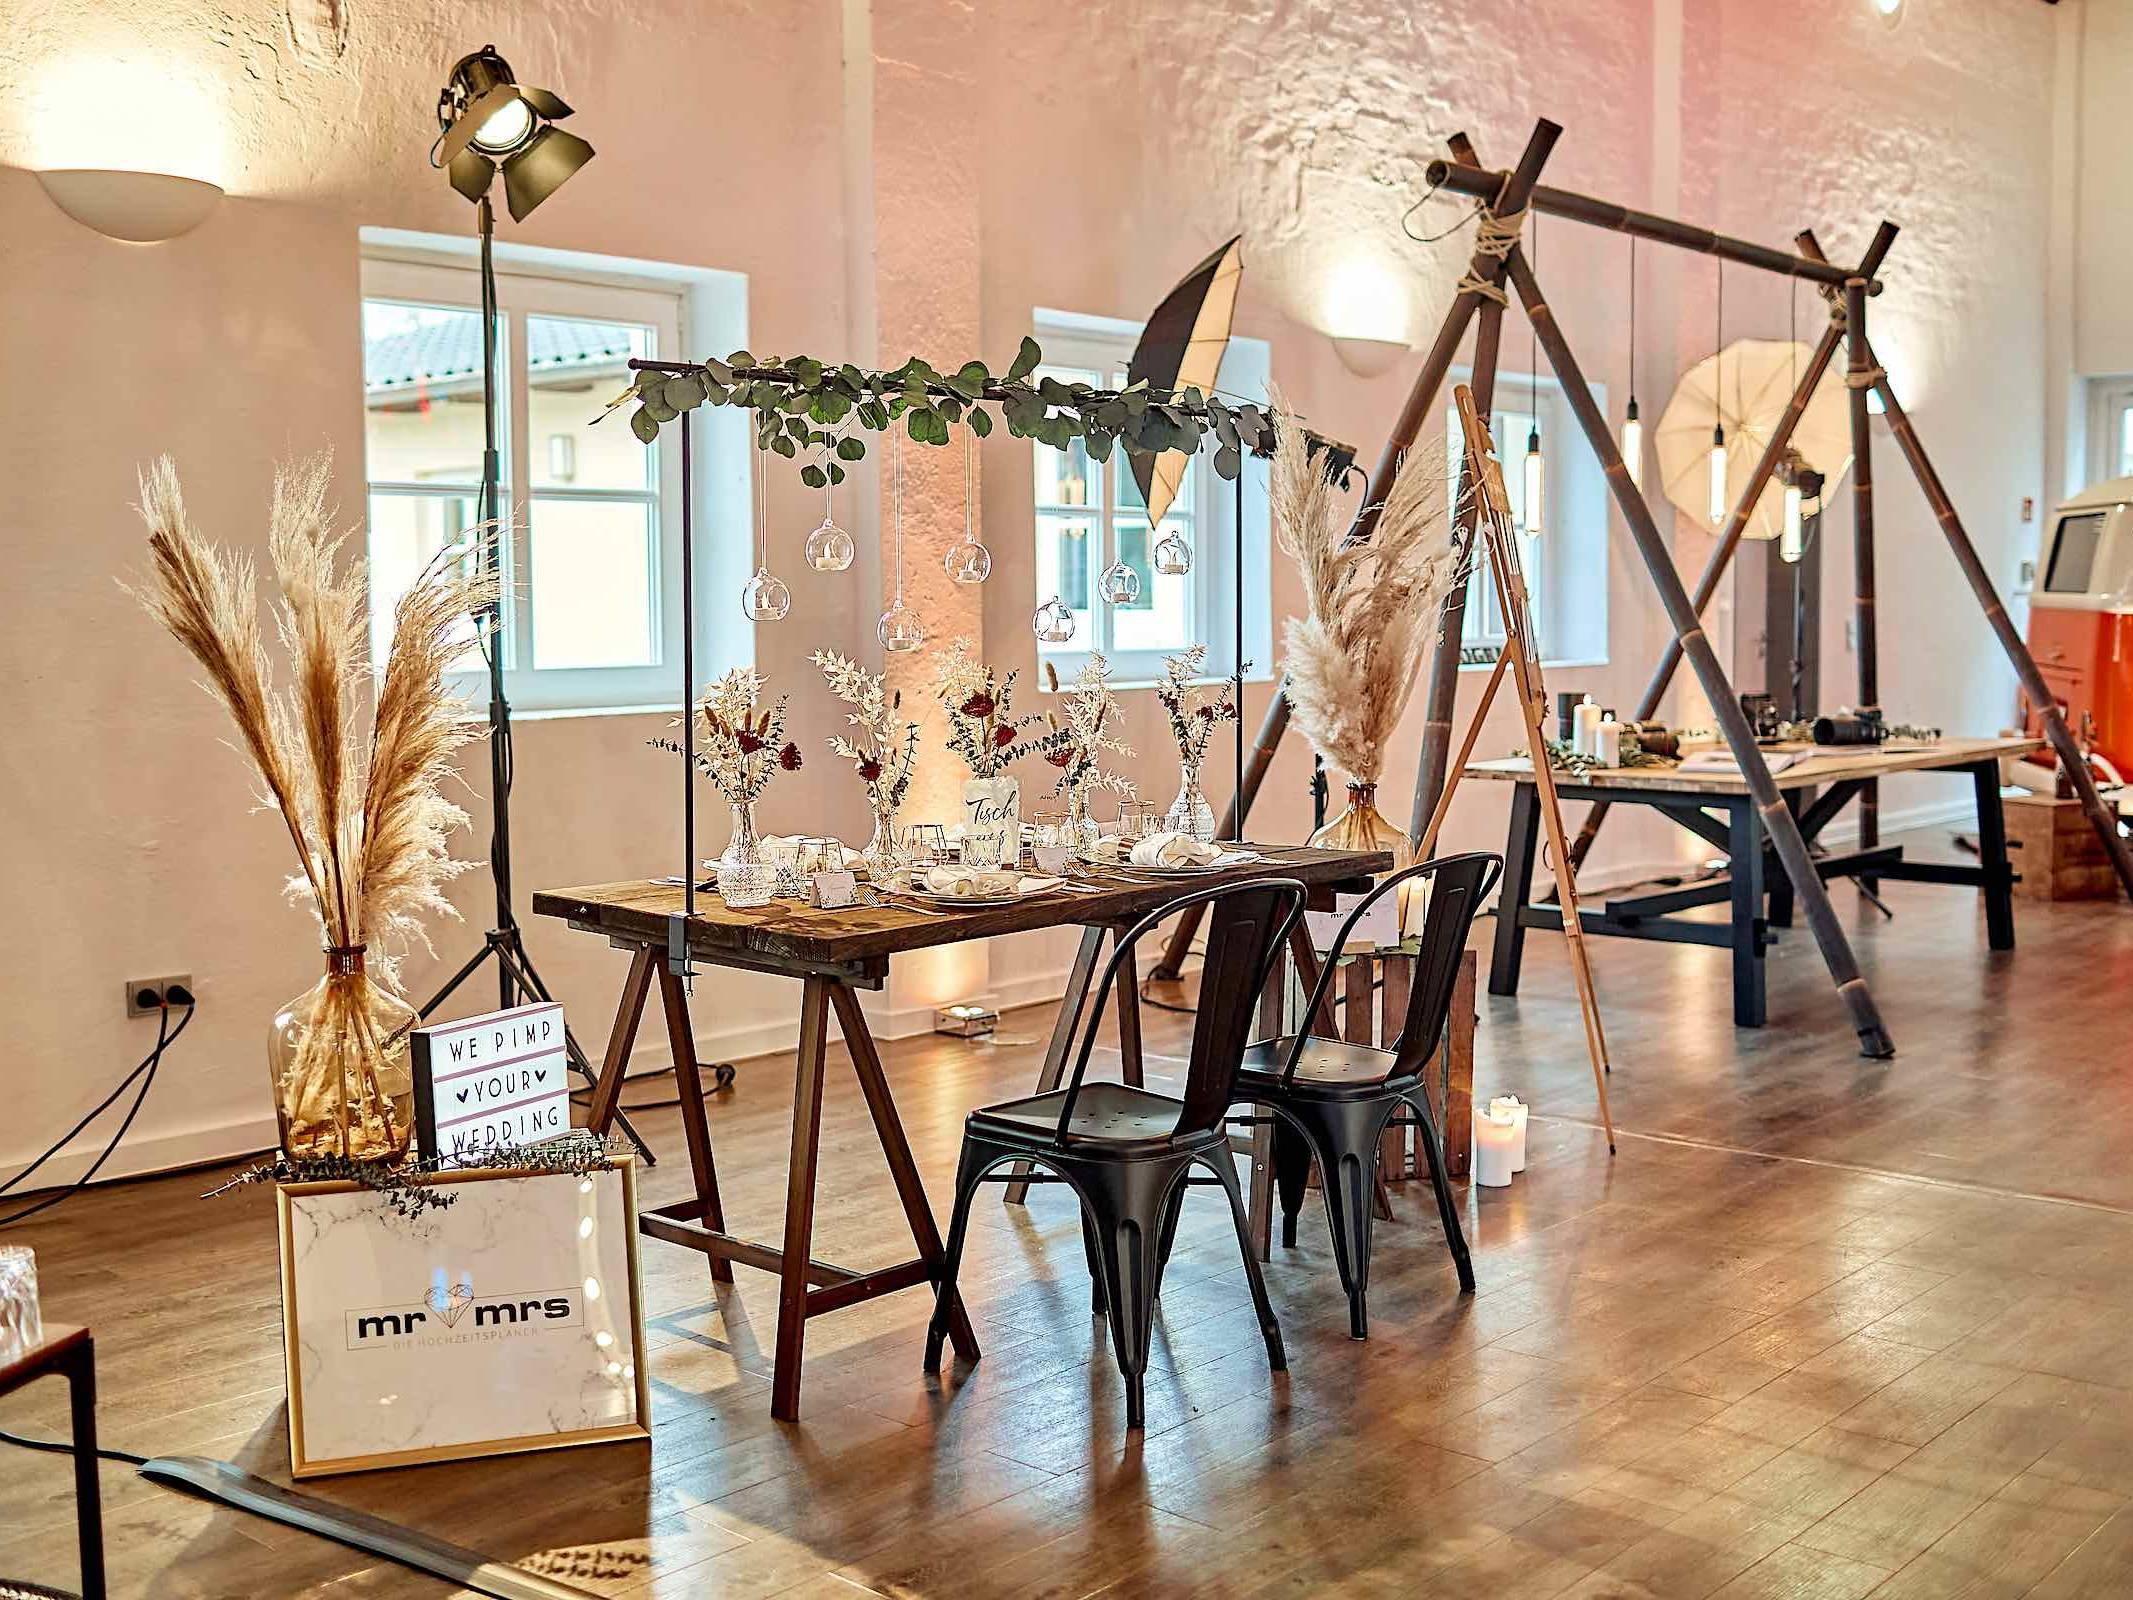 Eventplaner | Hamburg | Eventaustattung | Mieten | Buchen | Hochzeitsplaner | Dekoration | Hochzeiten | Modenschauen | Firmenfeiern | Gala | Tischdekoration | Technik | Logistik | Lieferung | Hamburgfeiert